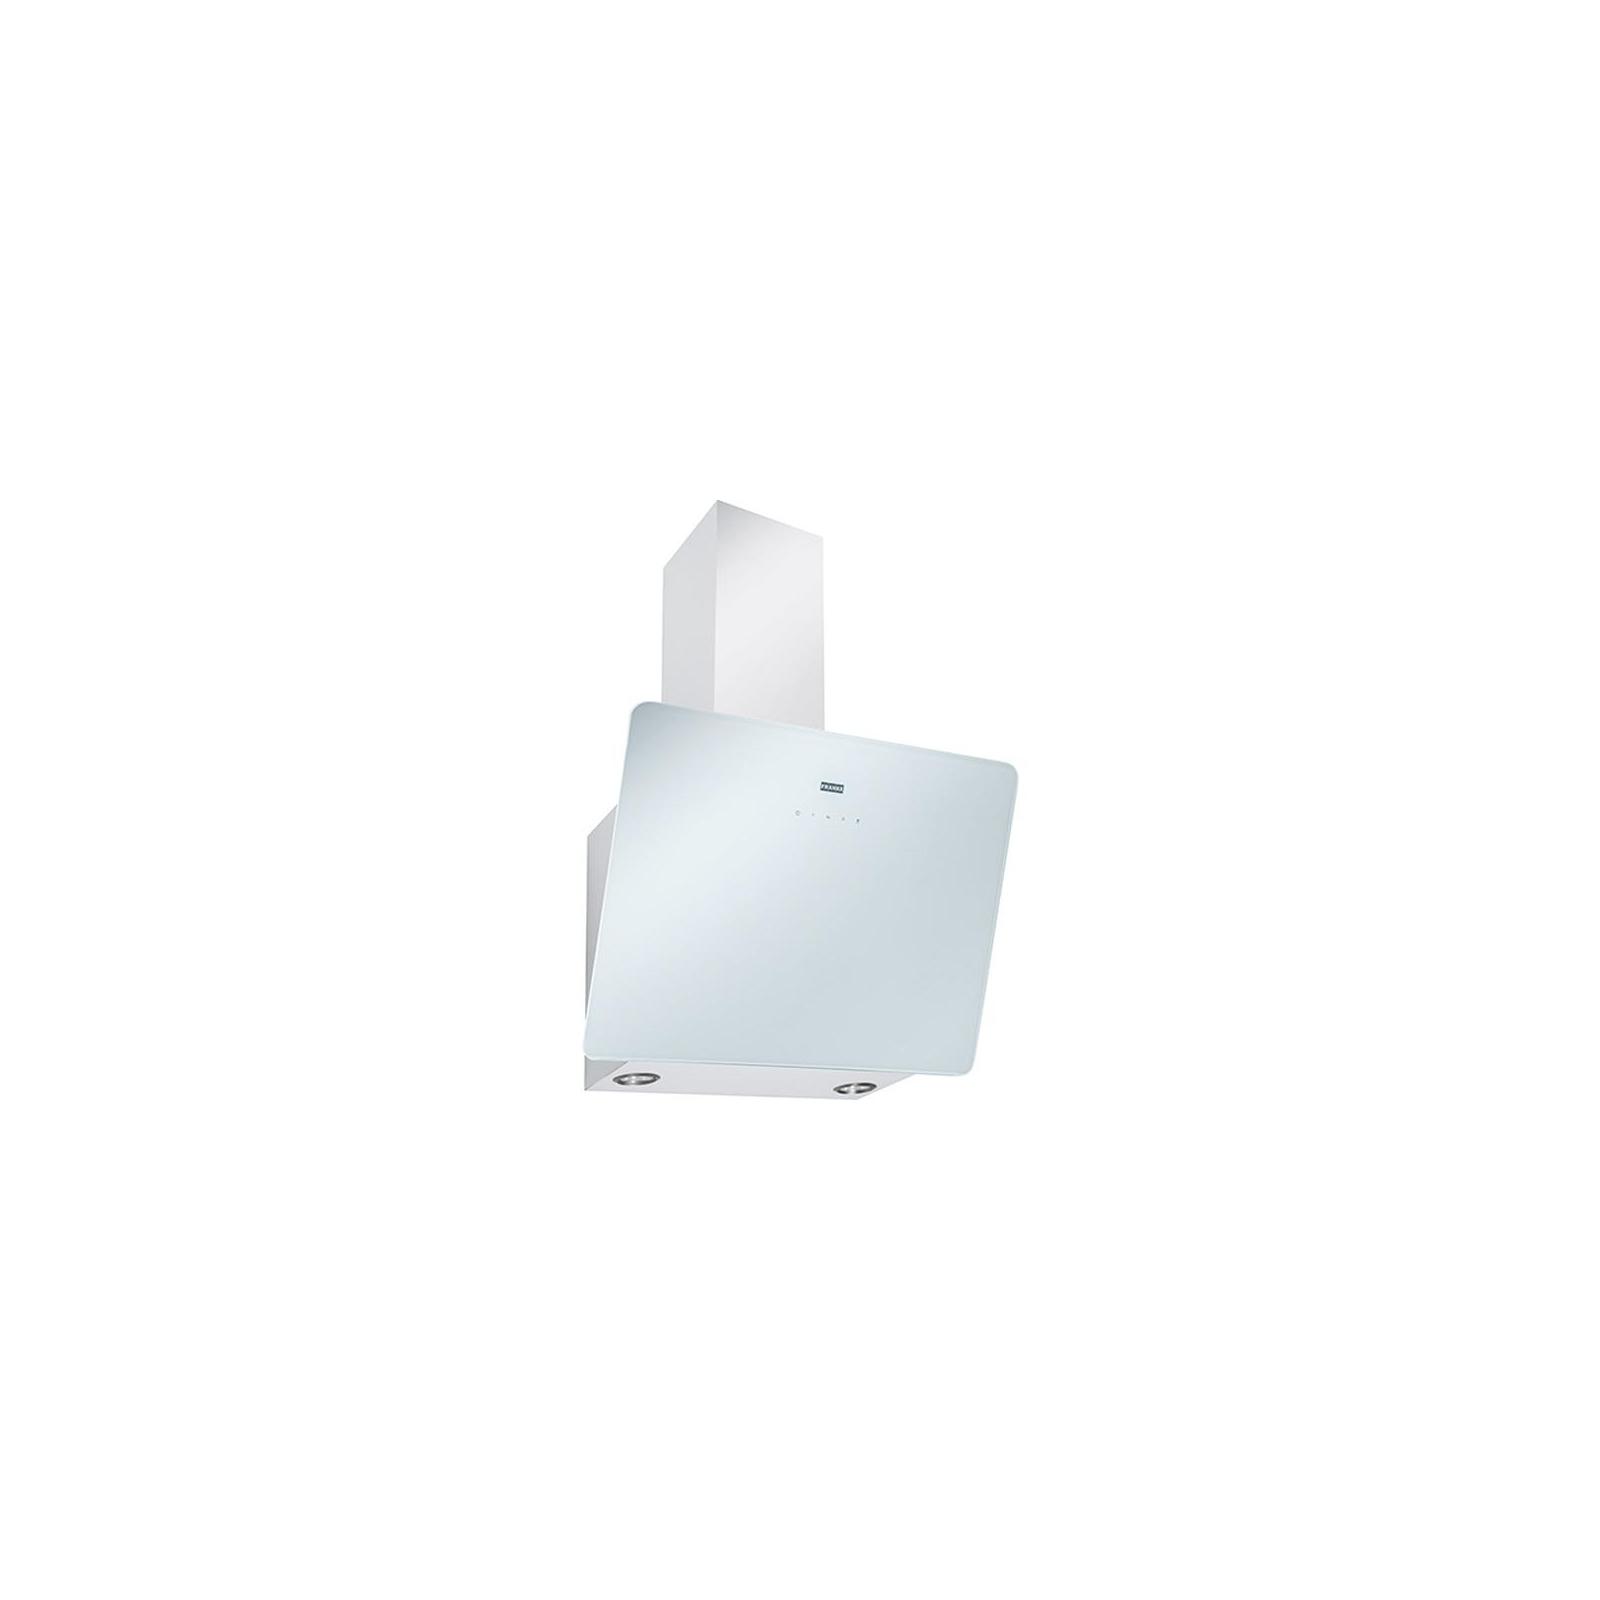 Вытяжка кухонная Franke Vertical Evo FPJ 615 V WH A (110.0361.903)